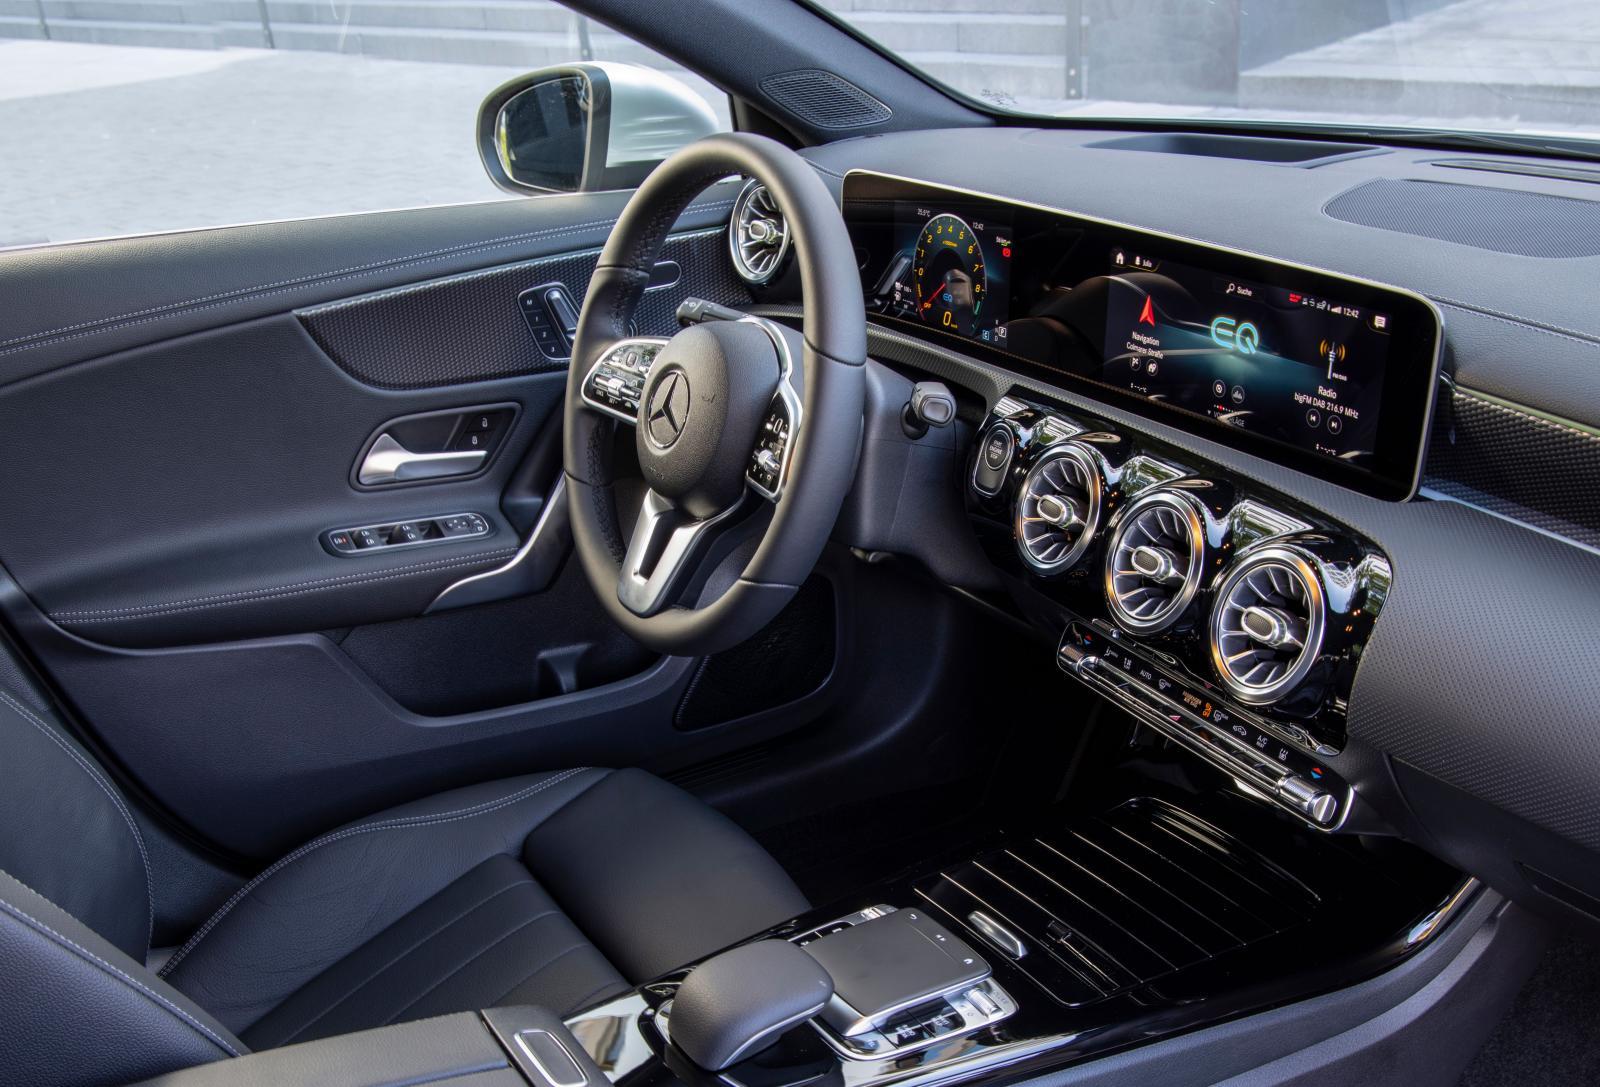 S-klass eller A-klass? Mercedes senaste instrumentpanel med den gigantiska MBUX-skärmen bjuder på information i överflöd.